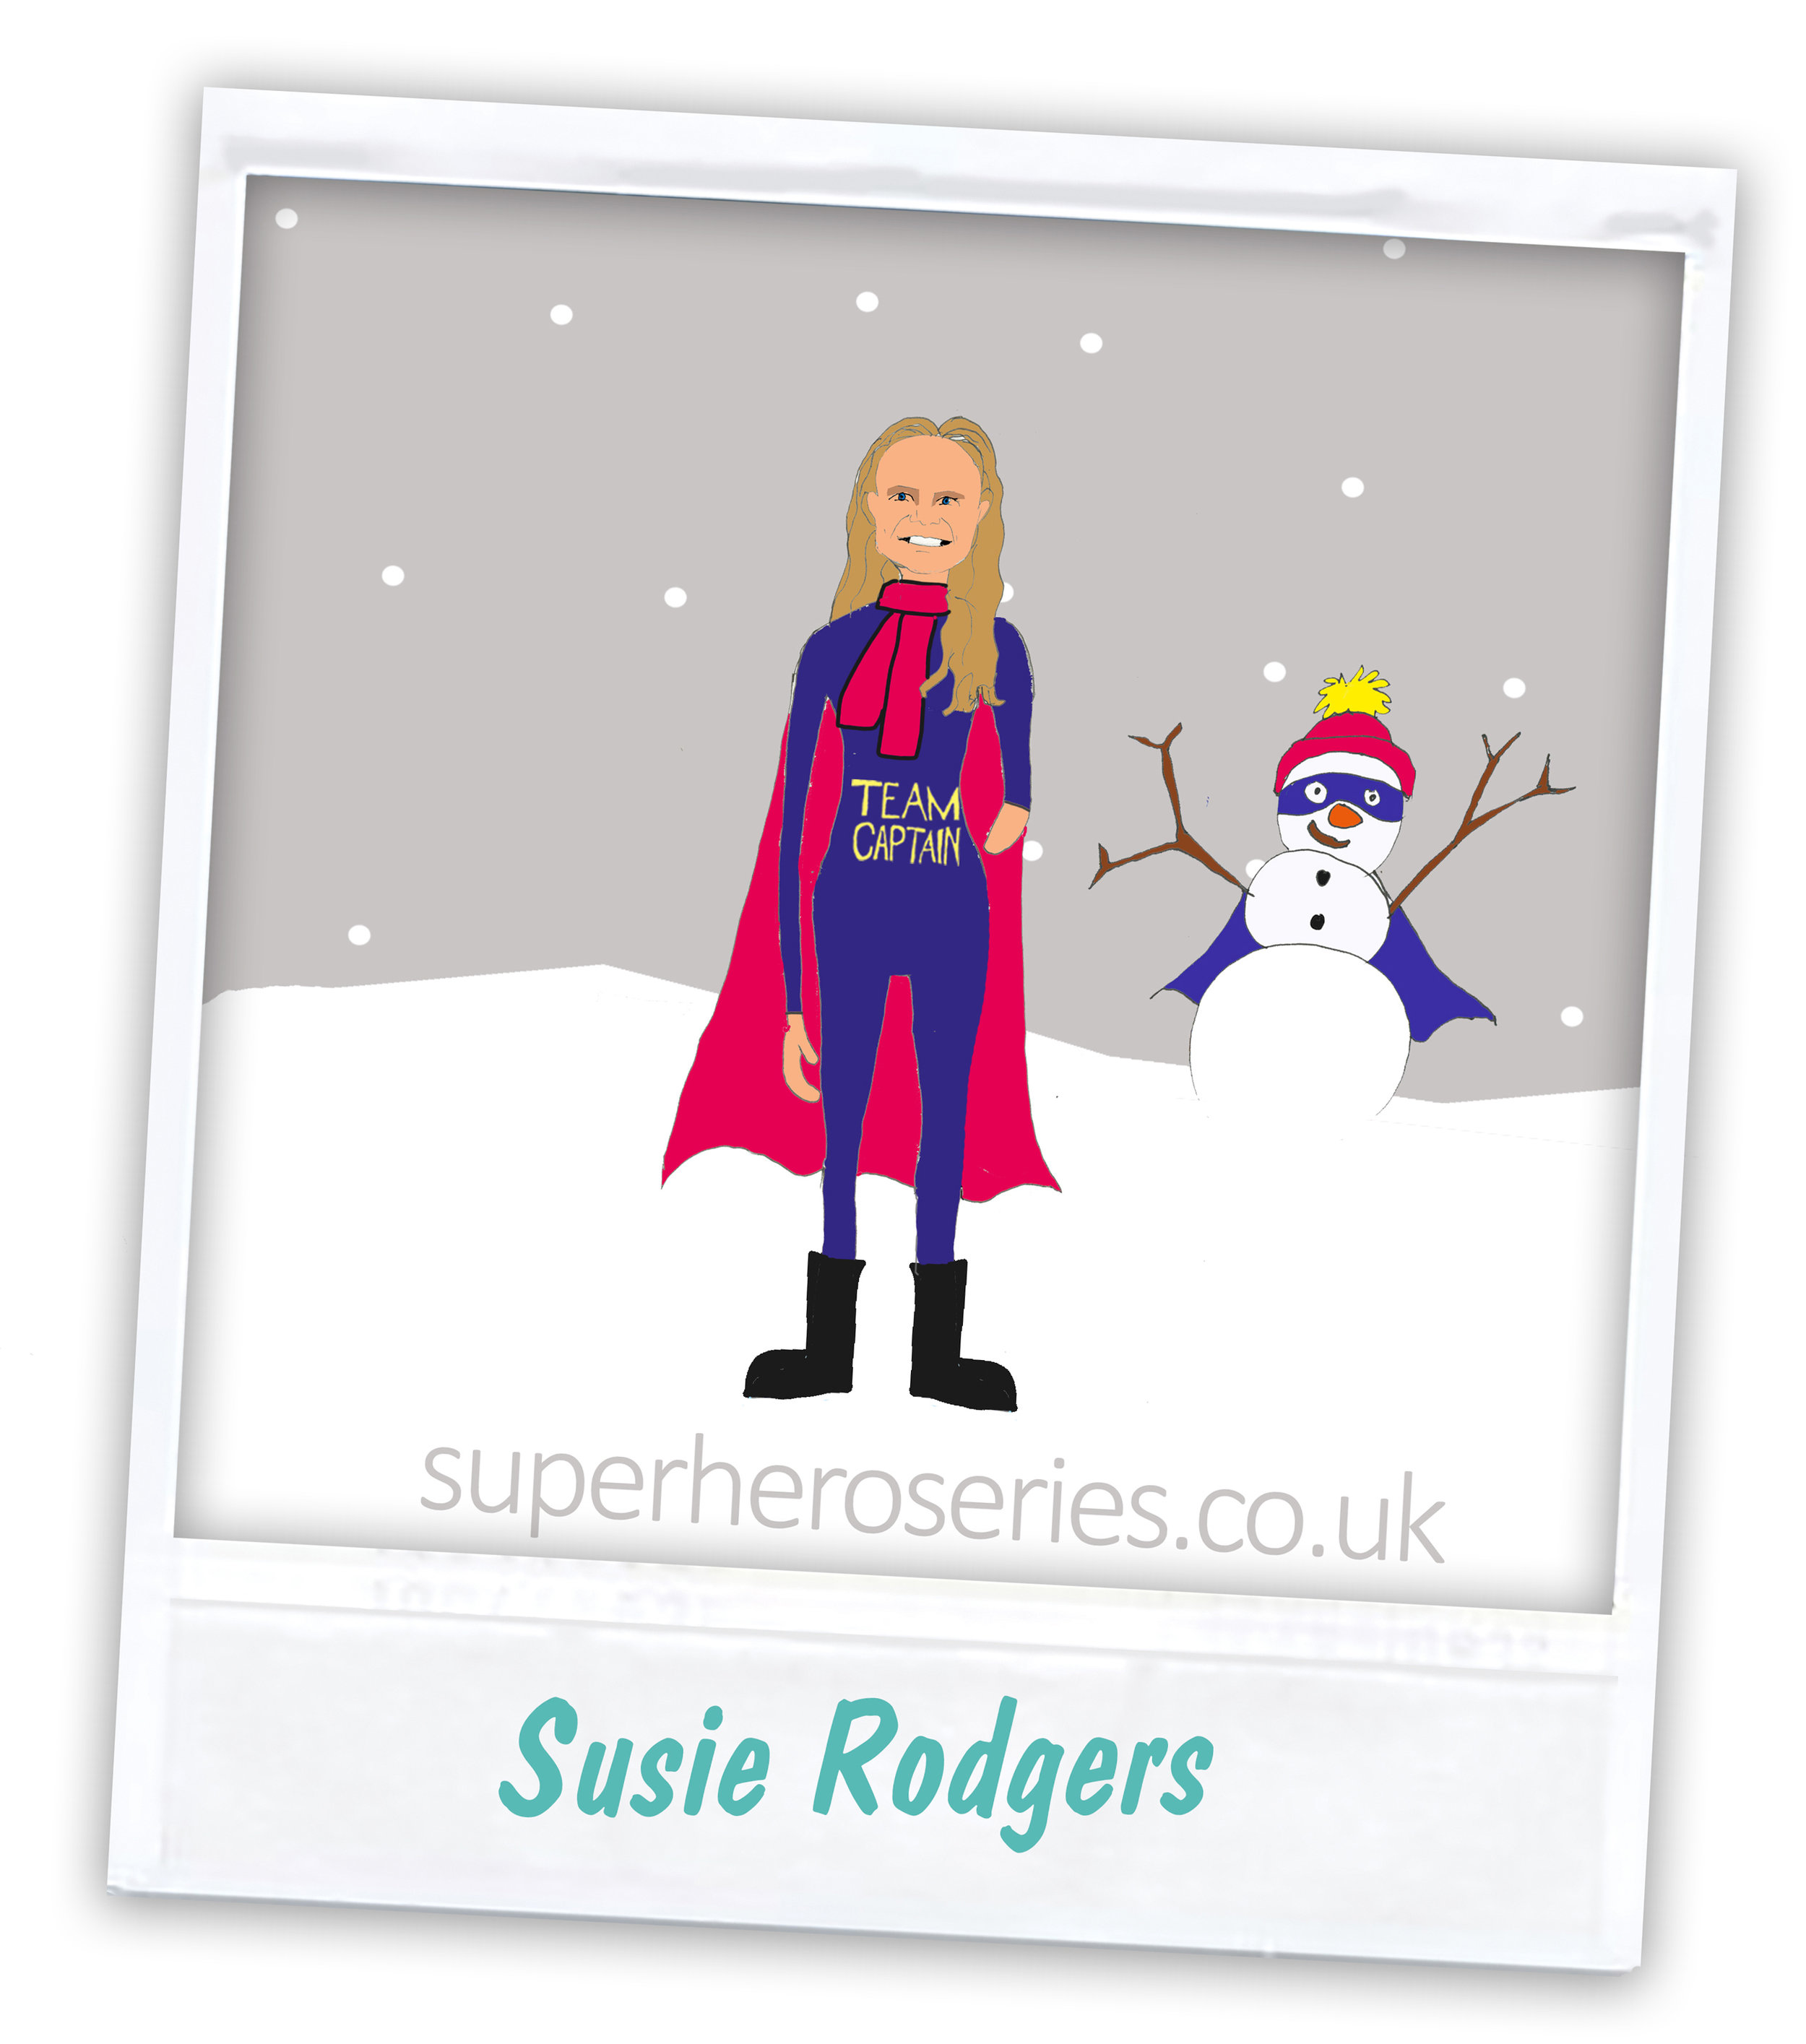 Susie Rodgers b.jpg